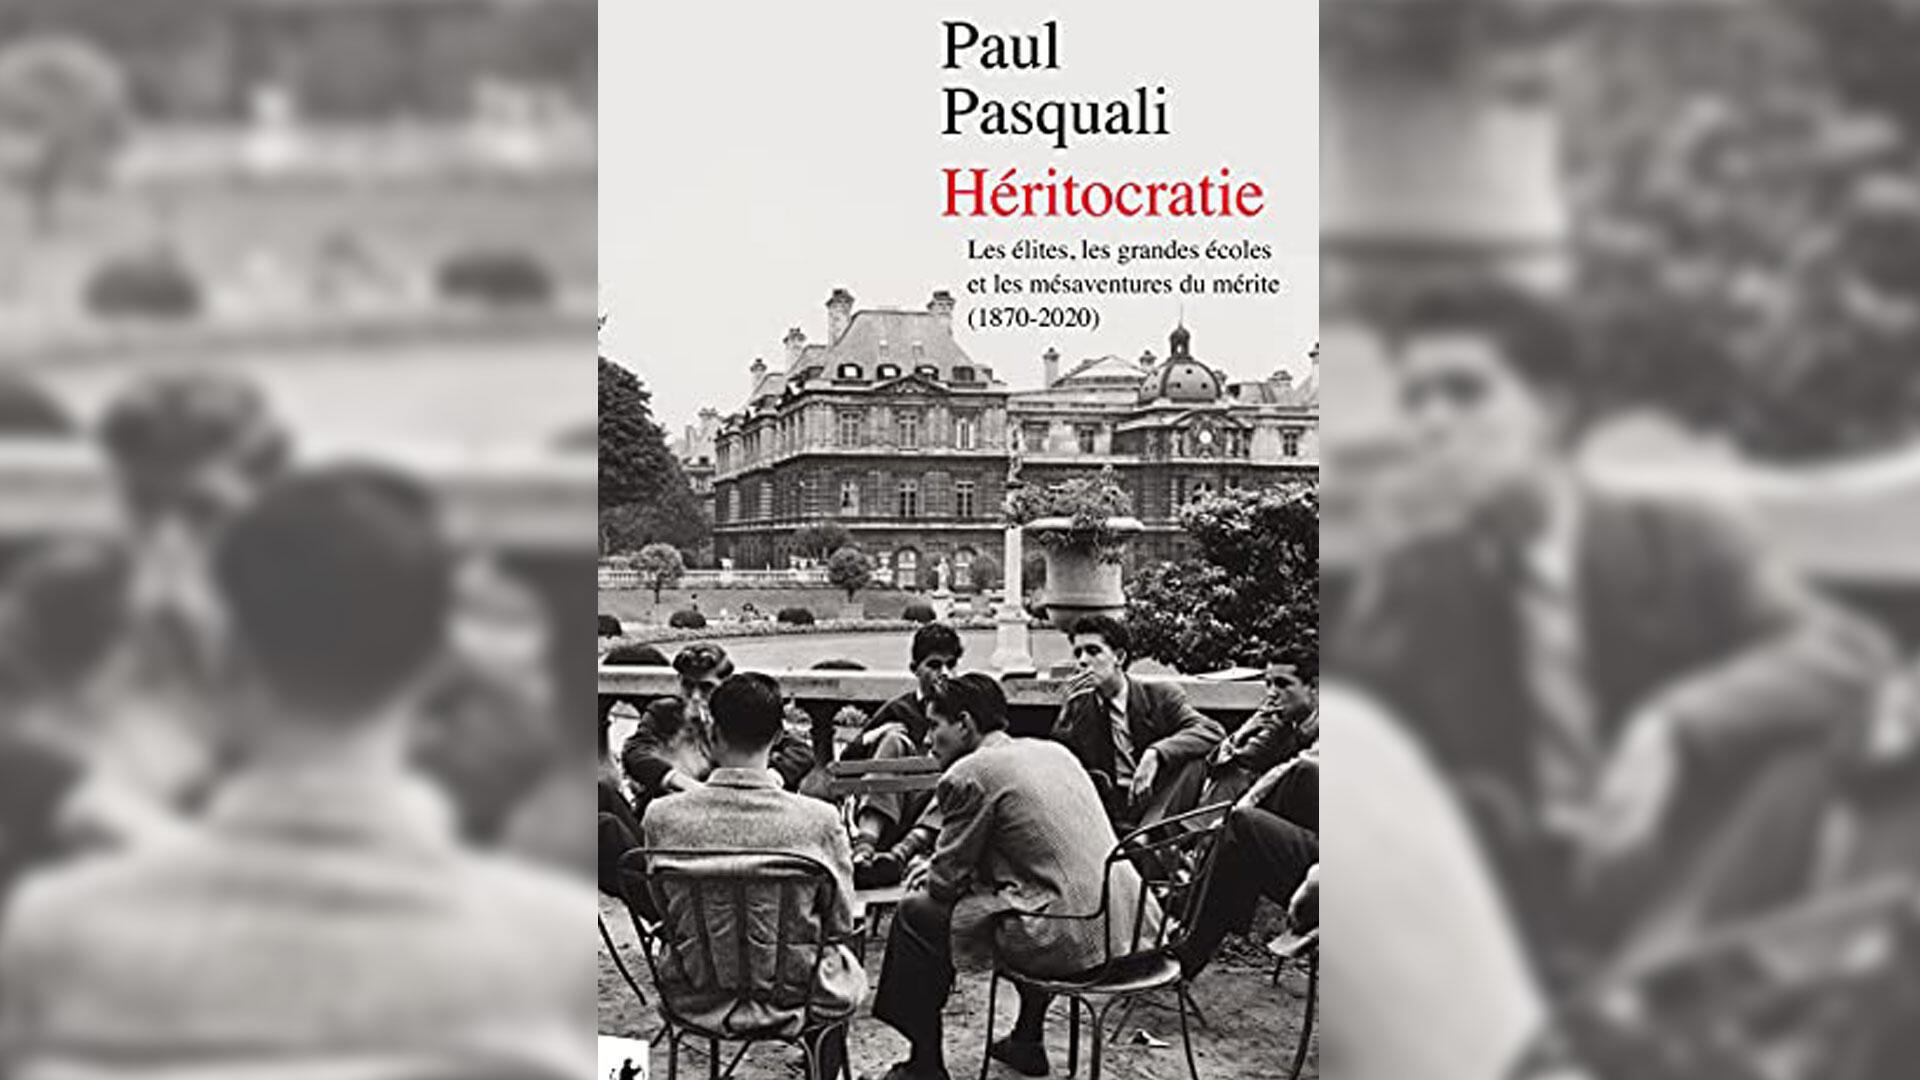 «Héritocratie, les grandes écoles et les mésaventures du mérite (1870-2020)»